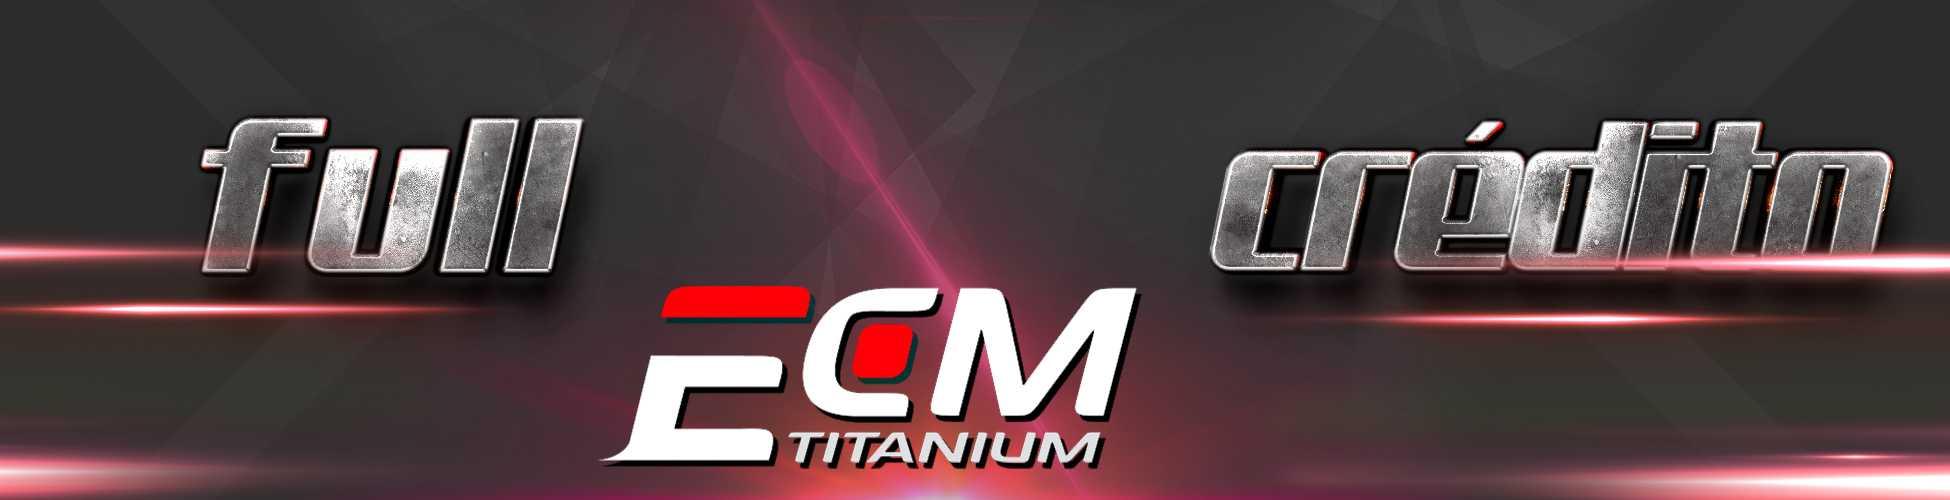 Ecm Titanium Versão Full ou Crédito?